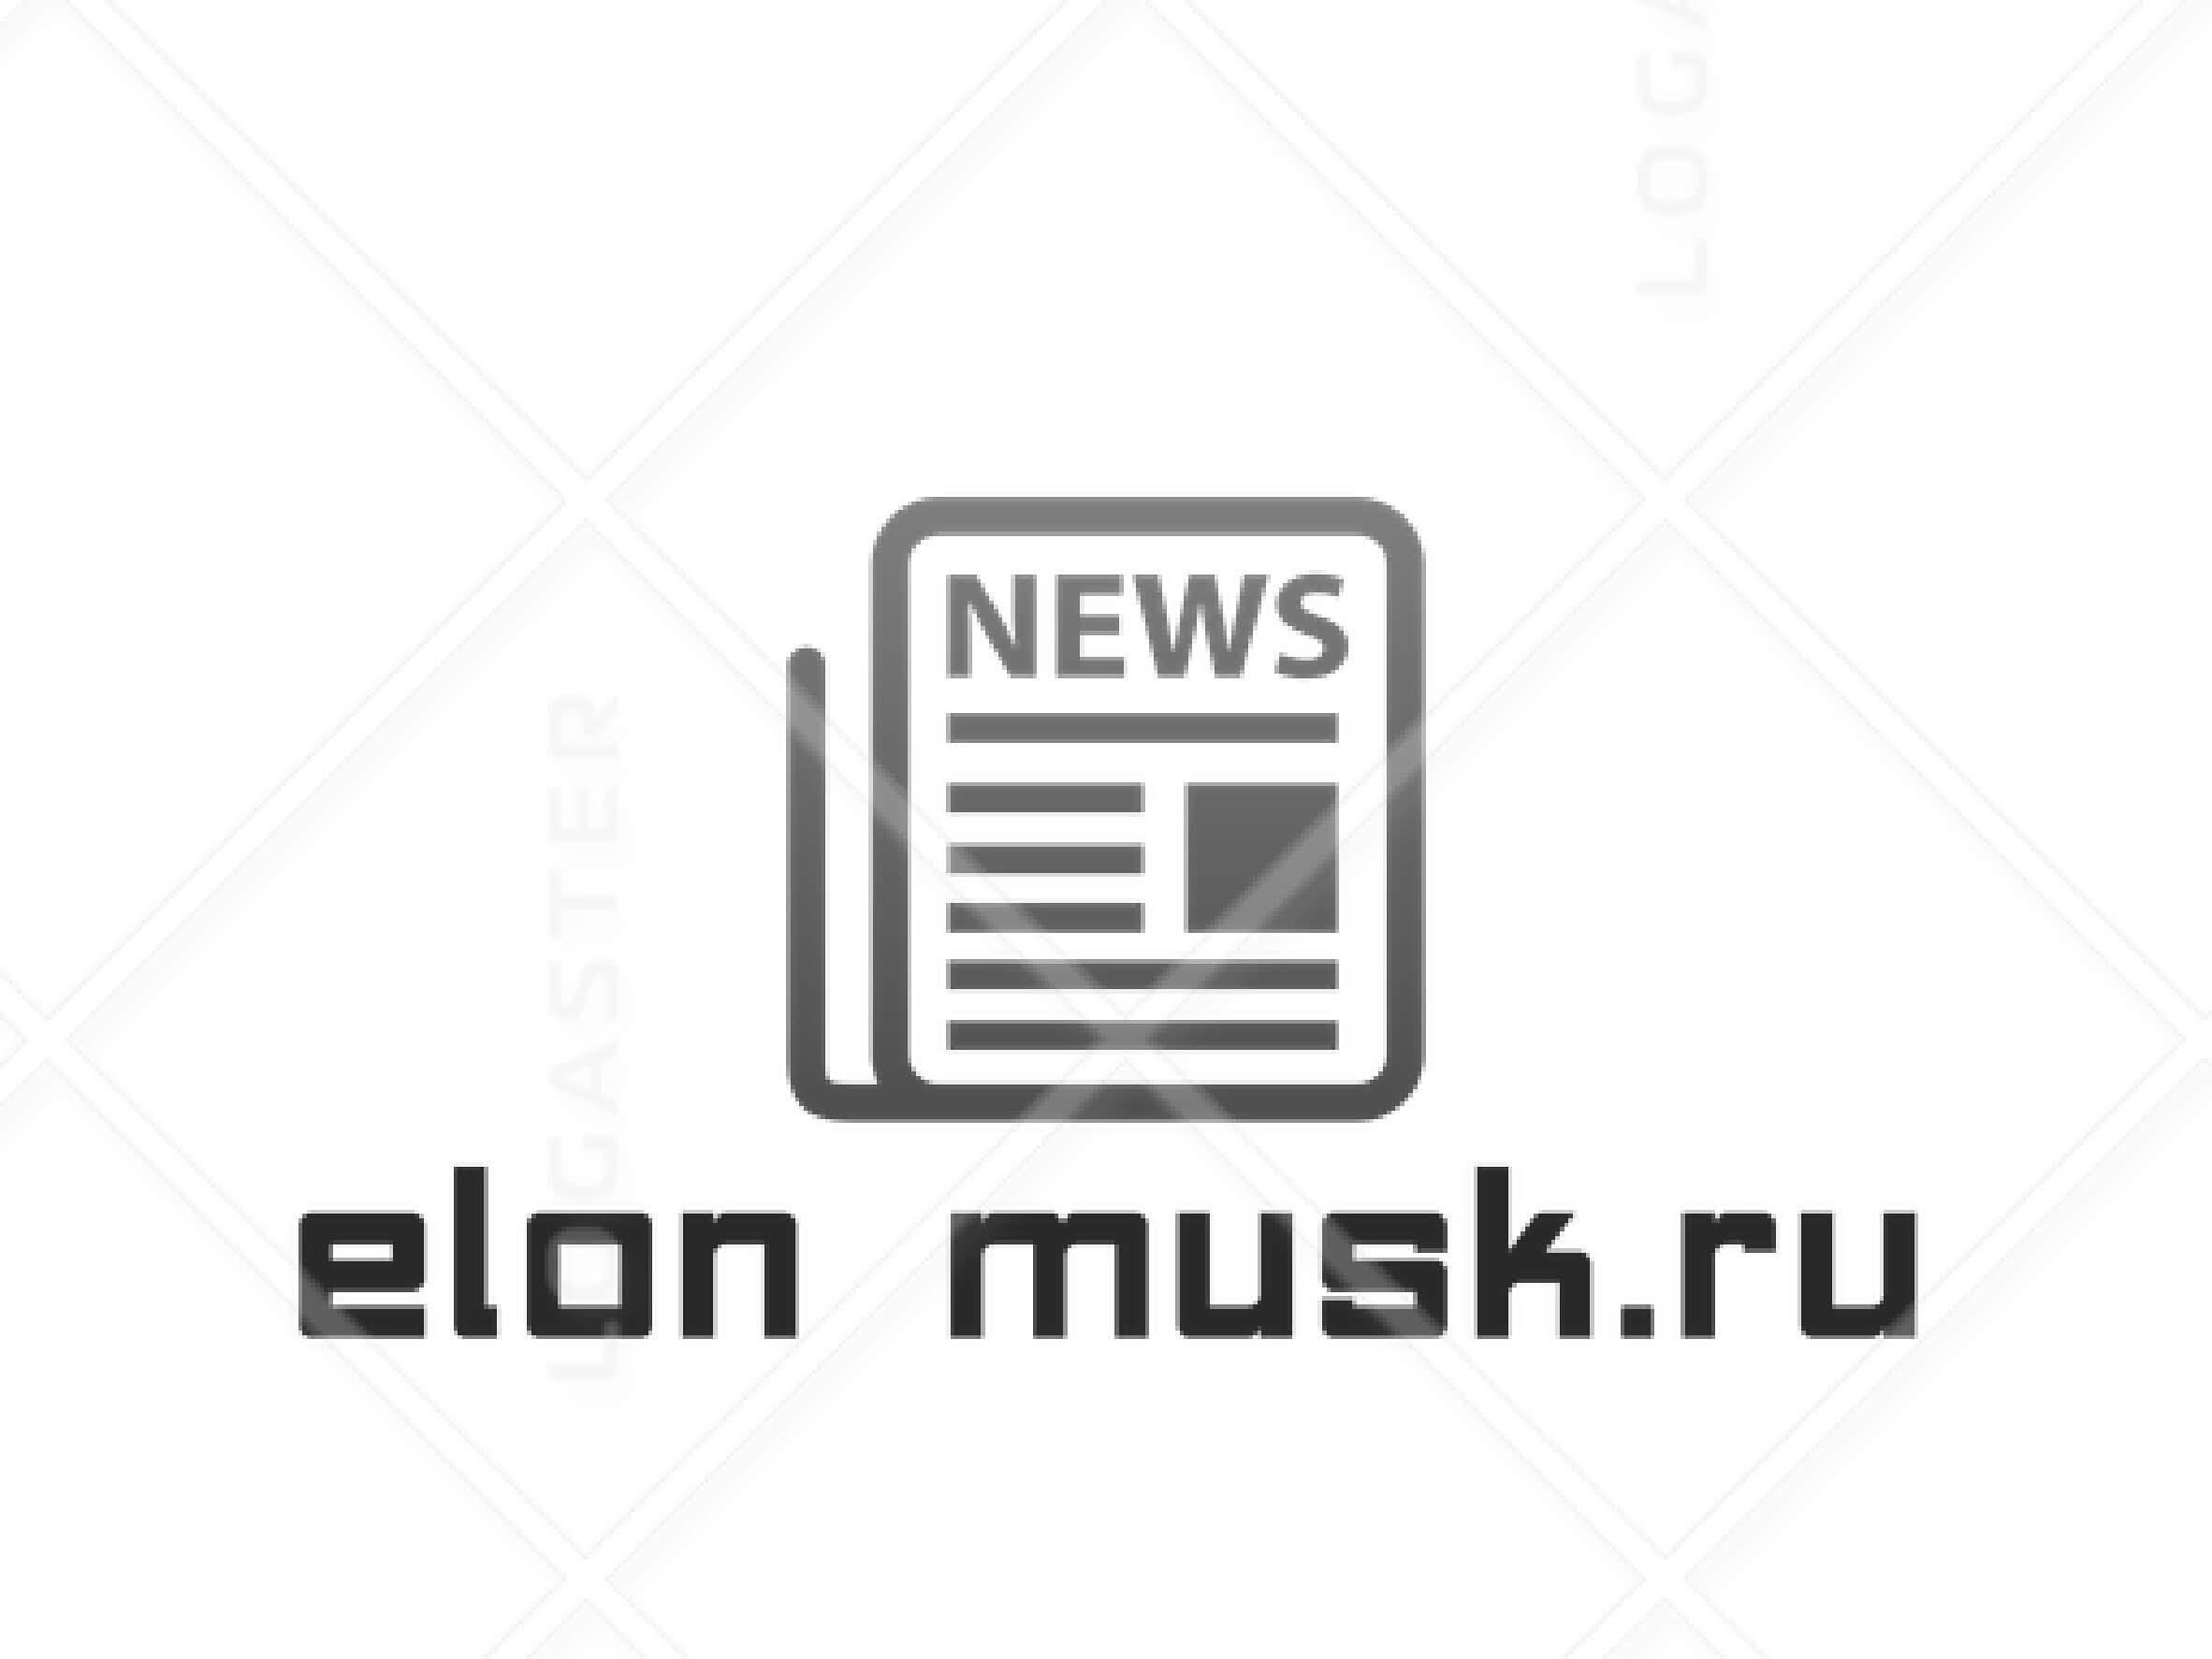 Логотип для новостного сайта  фото f_5195b6ed1a2205d1.jpg